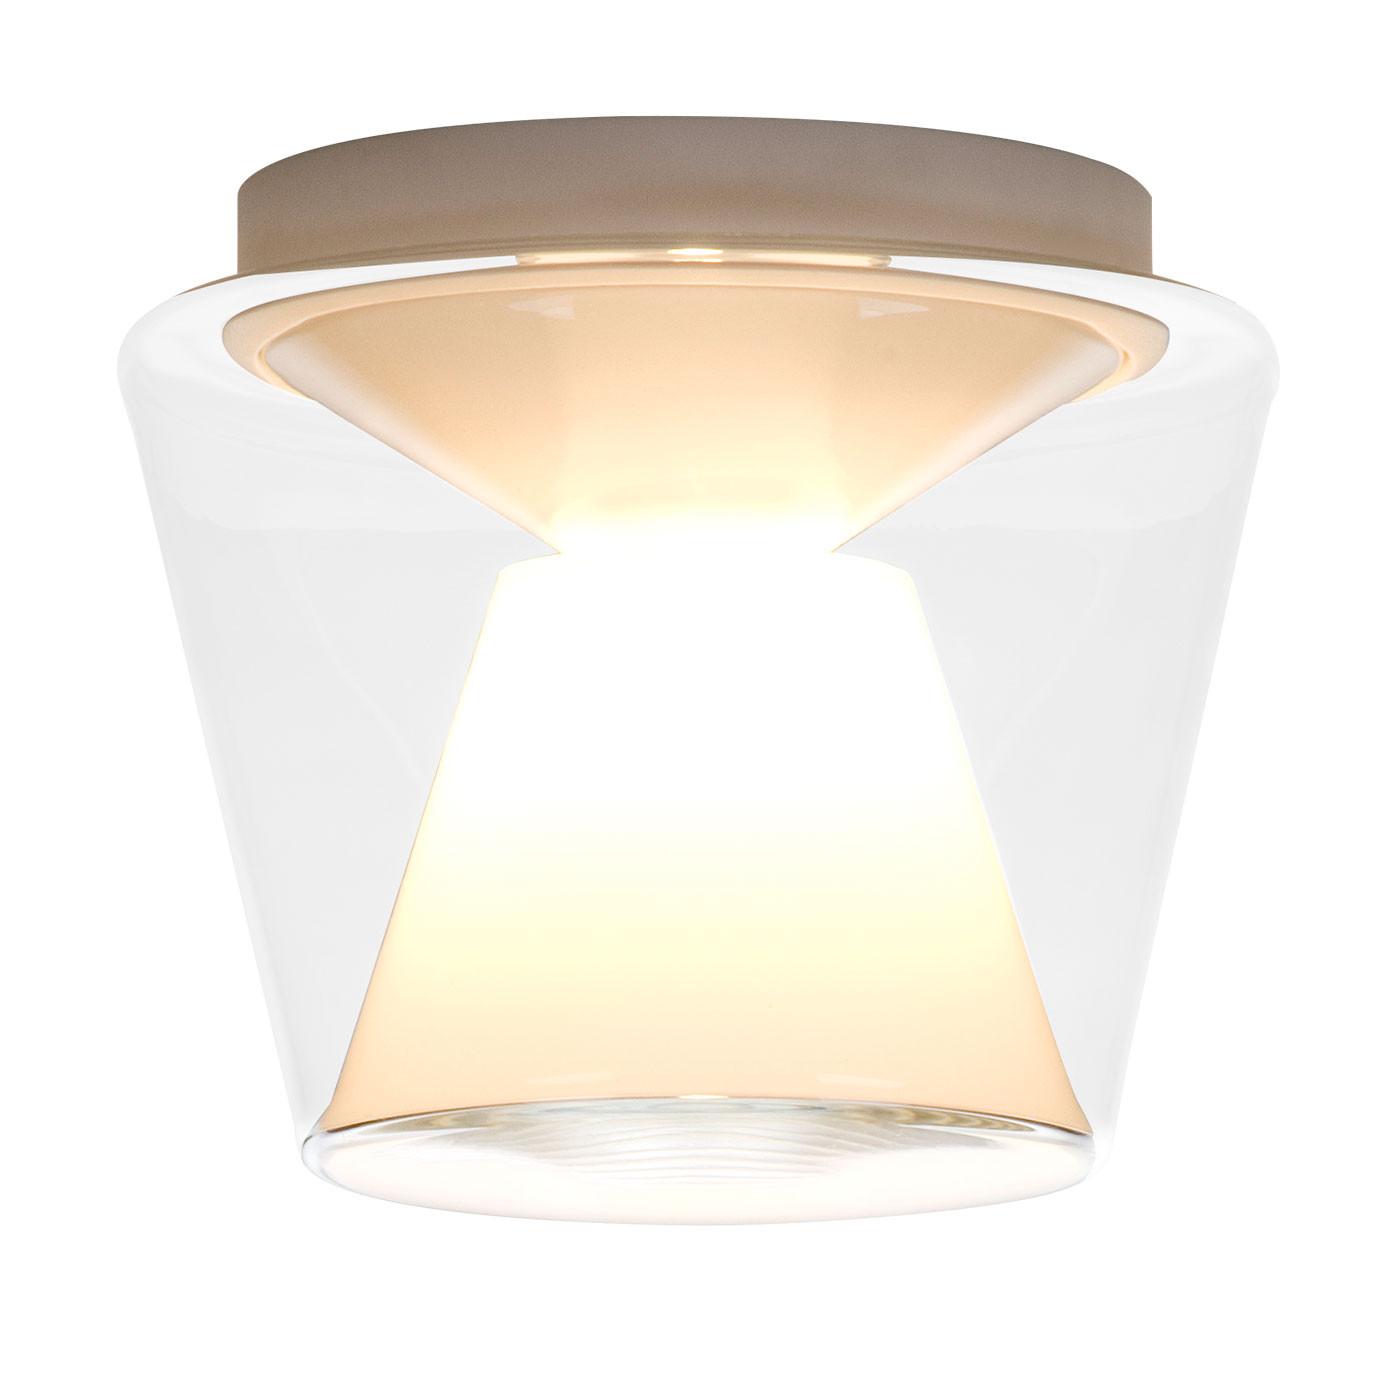 Serien Lighting Annex Ceiling M LED, 13W